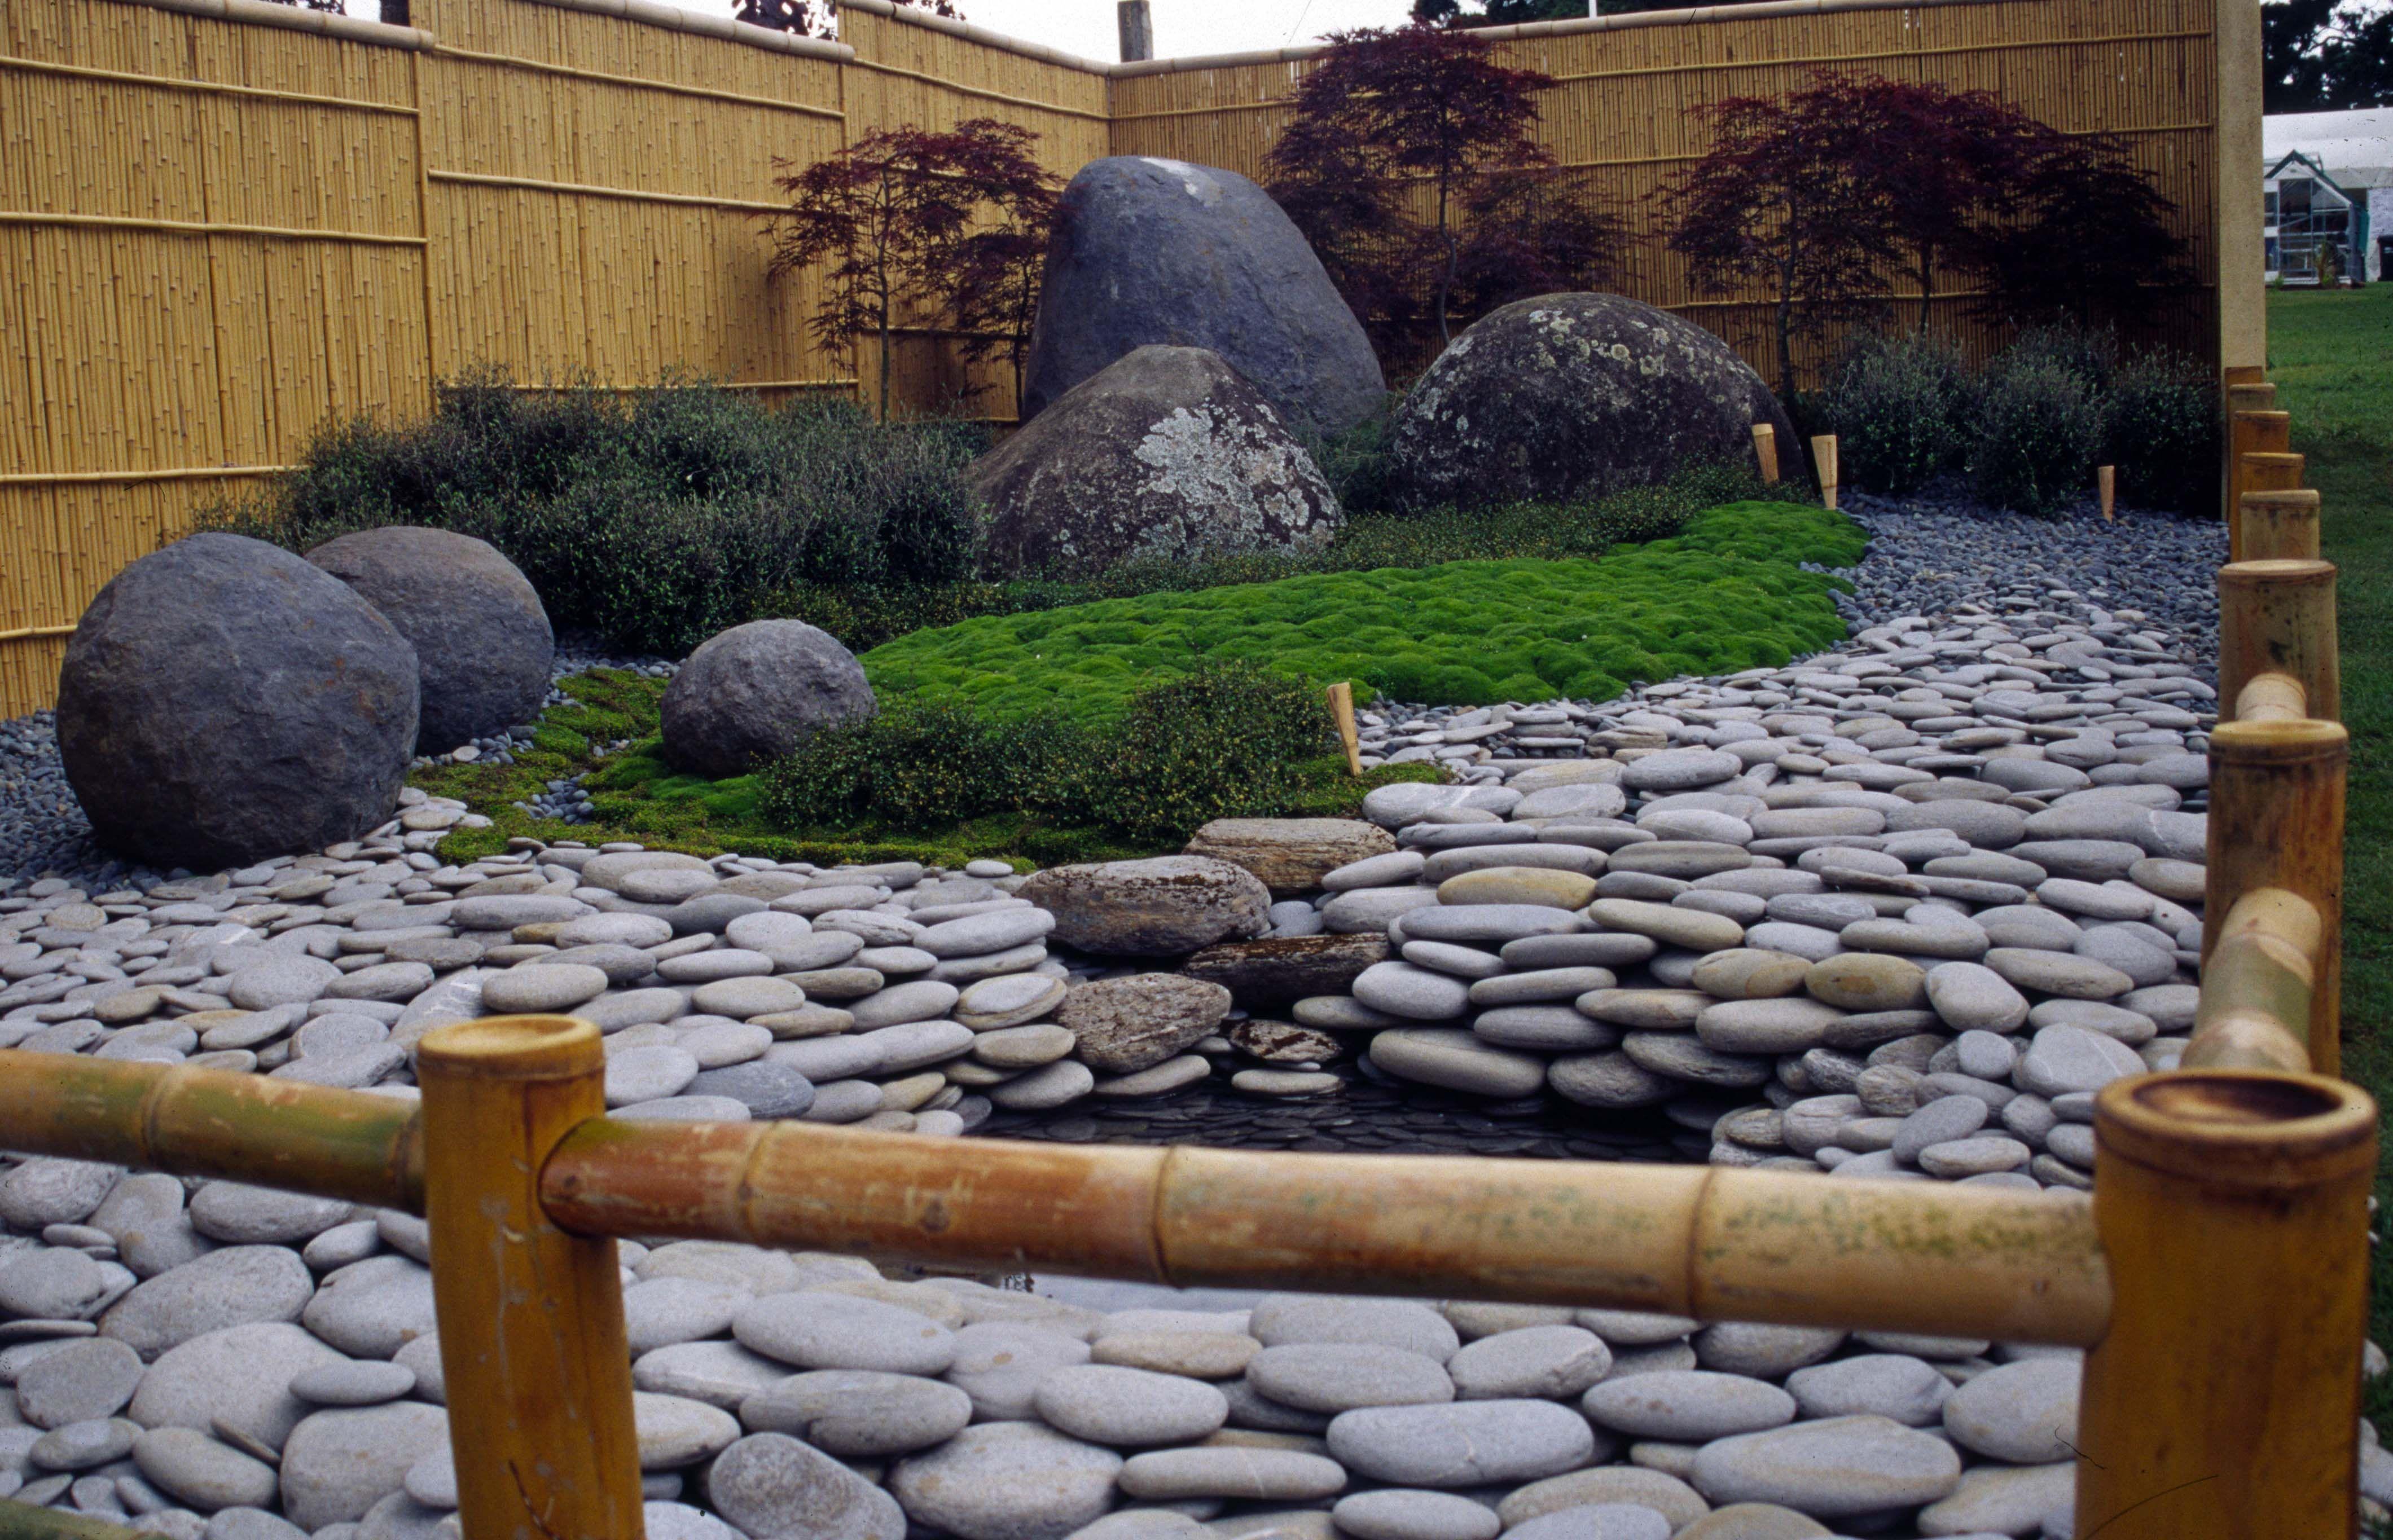 Pebble Gardens Small Garden Pebbles Japanese Landscaping 400 x 300